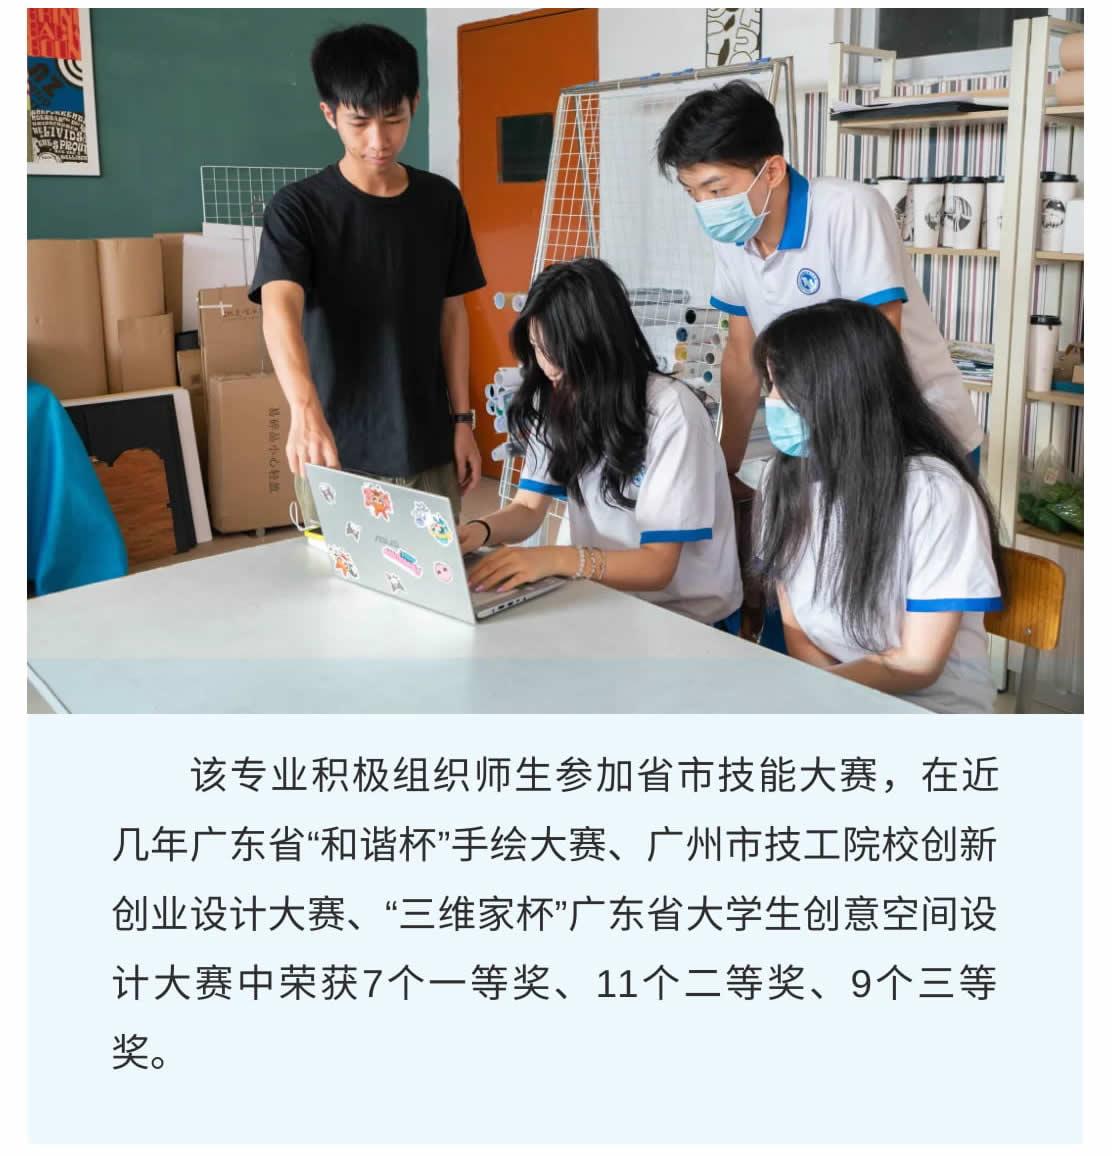 室内设计(高中起点三年制)-1_r7_c1.jpg